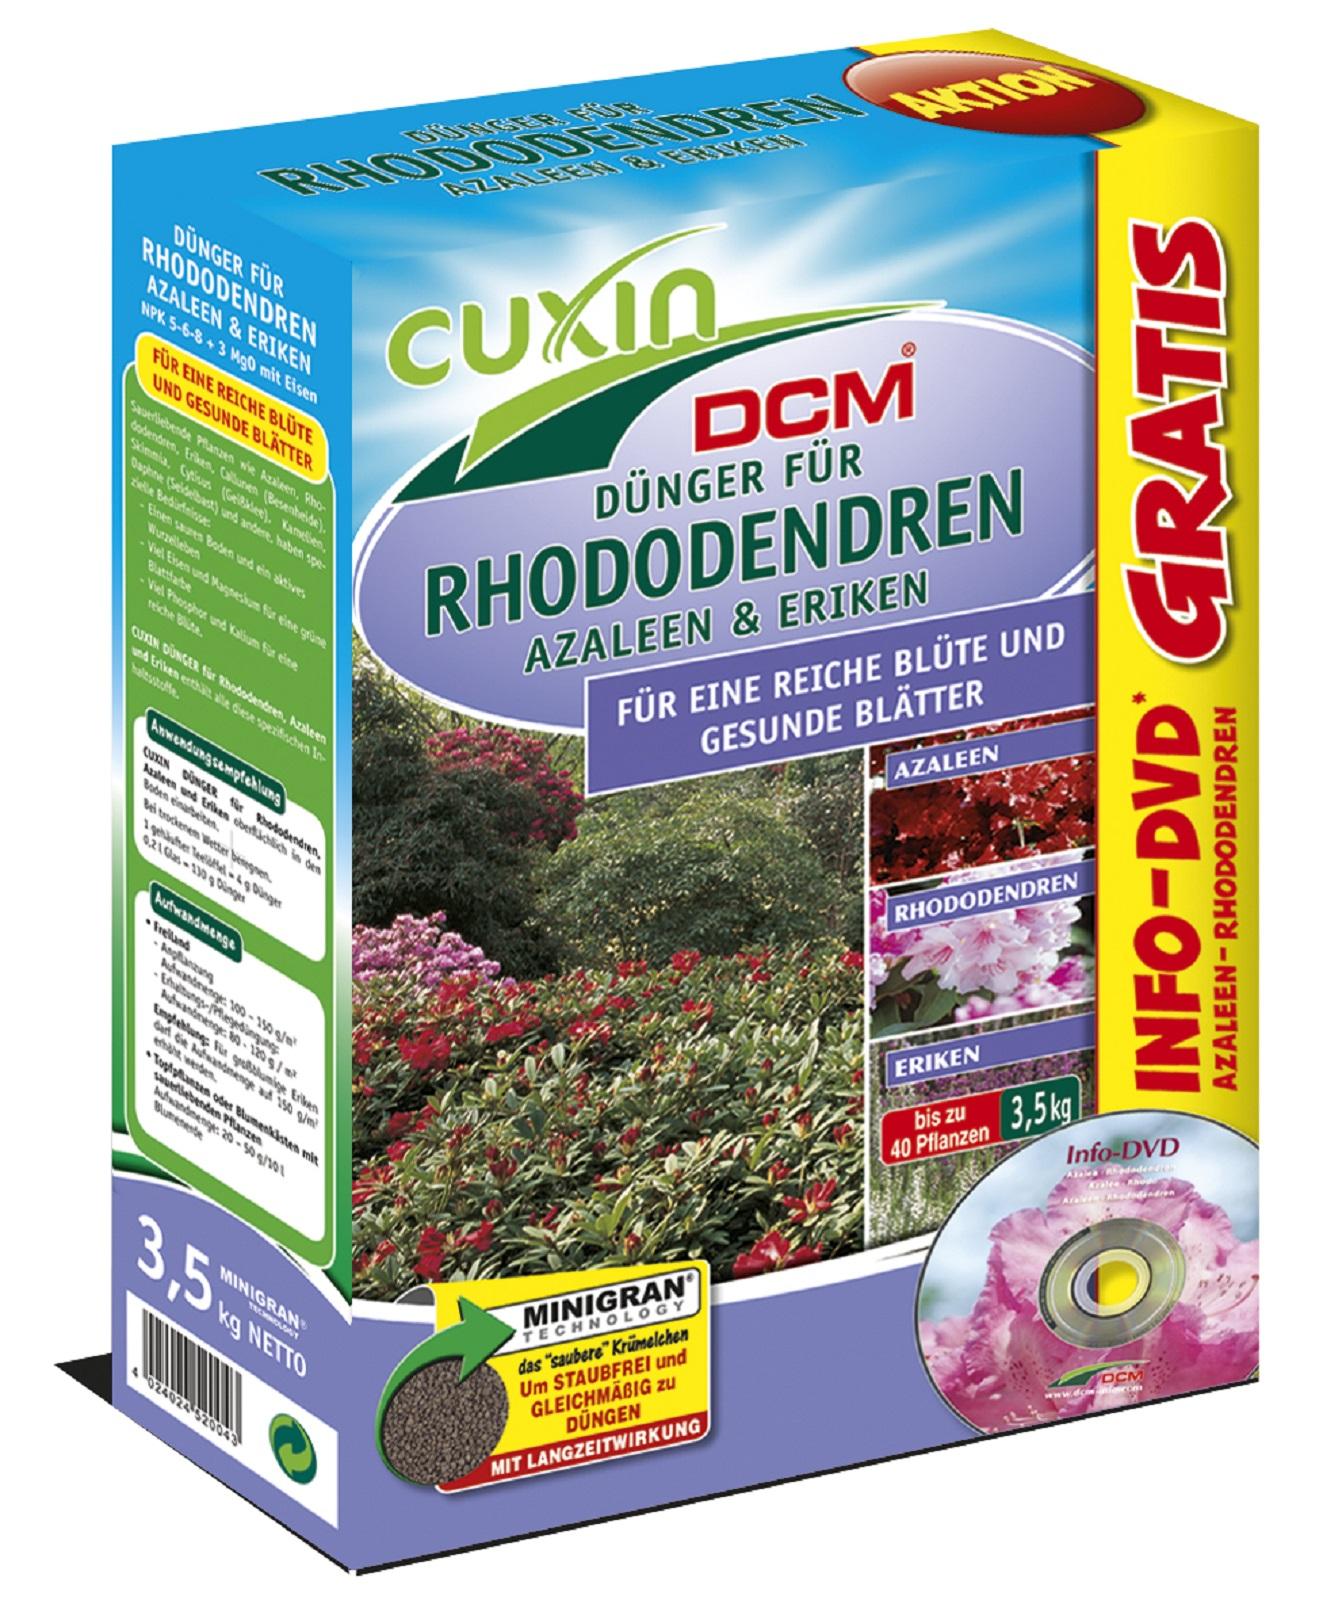 Cuxin Dünger f. Rhododendren,Azaleen,Eriken,3,5 kg, Dünger